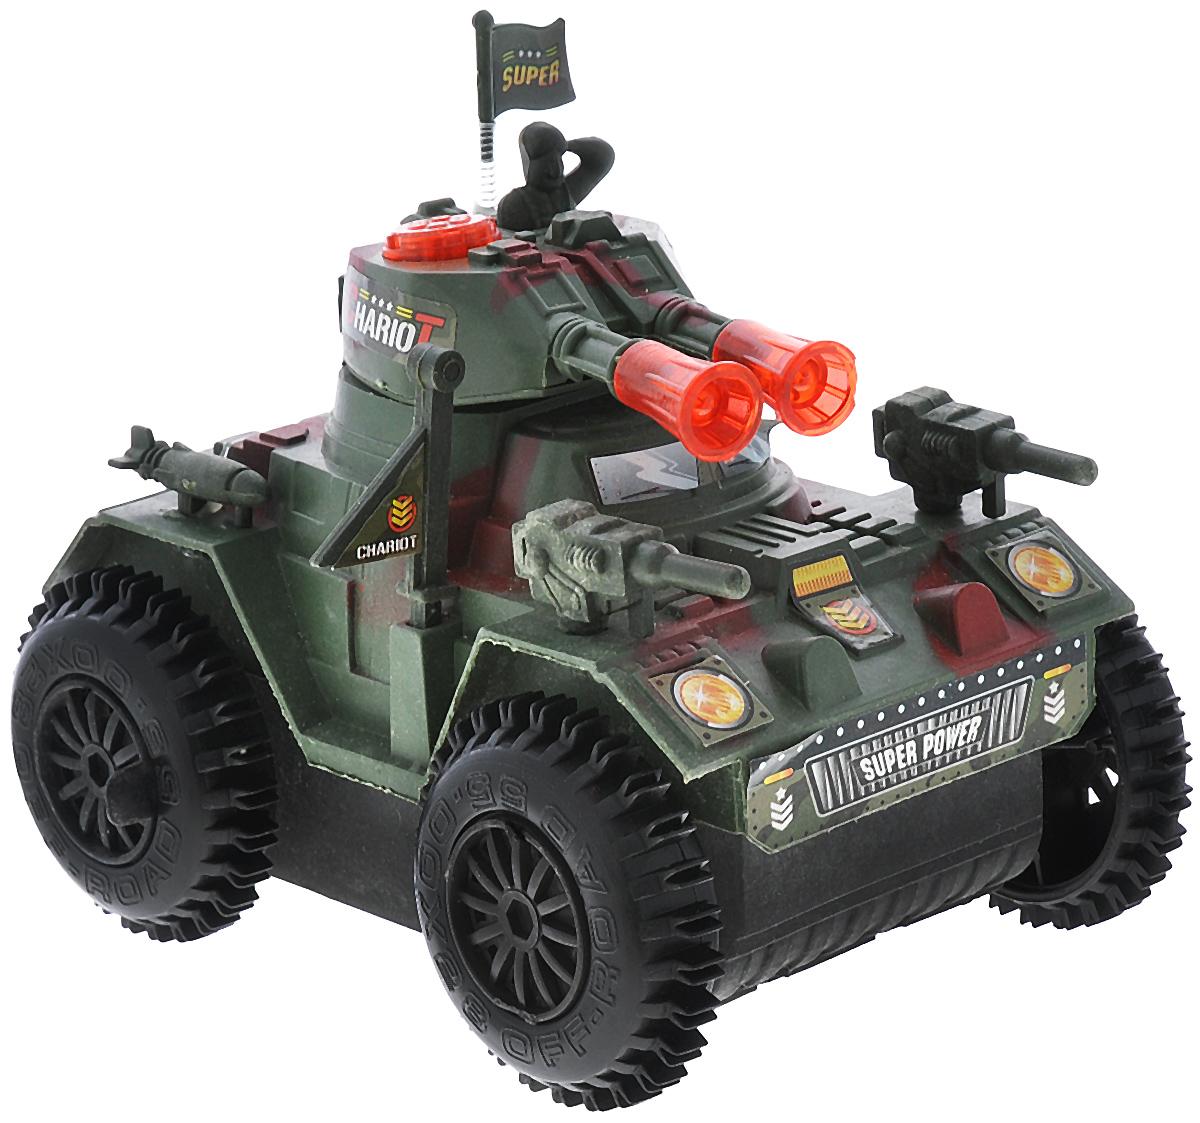 Junfa Toys Танк со световыми и звуковыми эффектами цвет зеленый красный радиоуправляемая модель junfa toys танк со световыми и звуковыми эффектами цвет коричневый